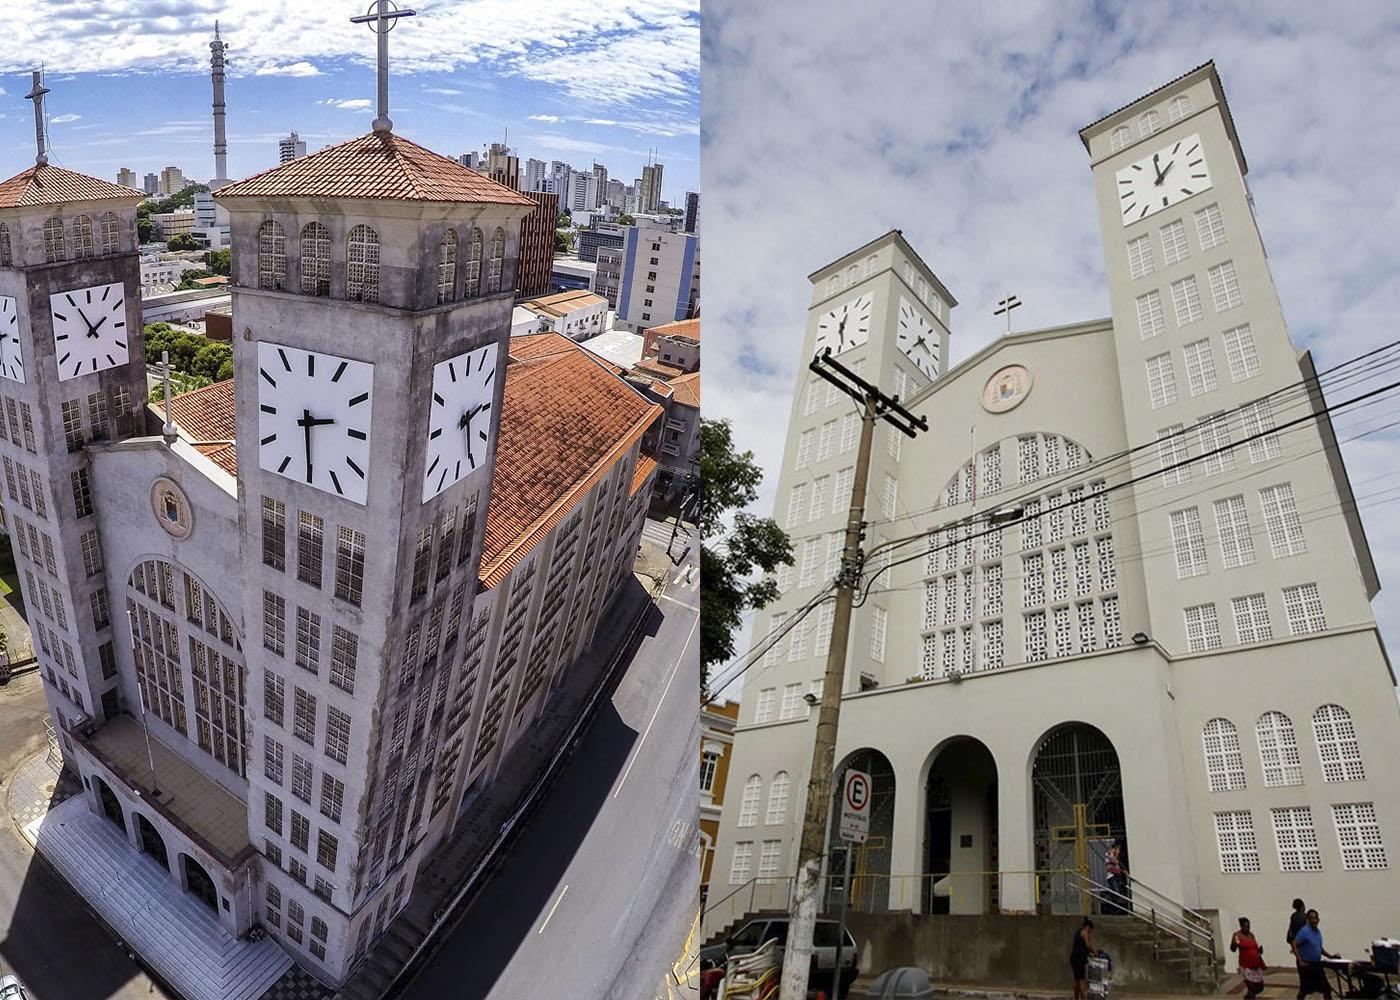 catedral antes e depois